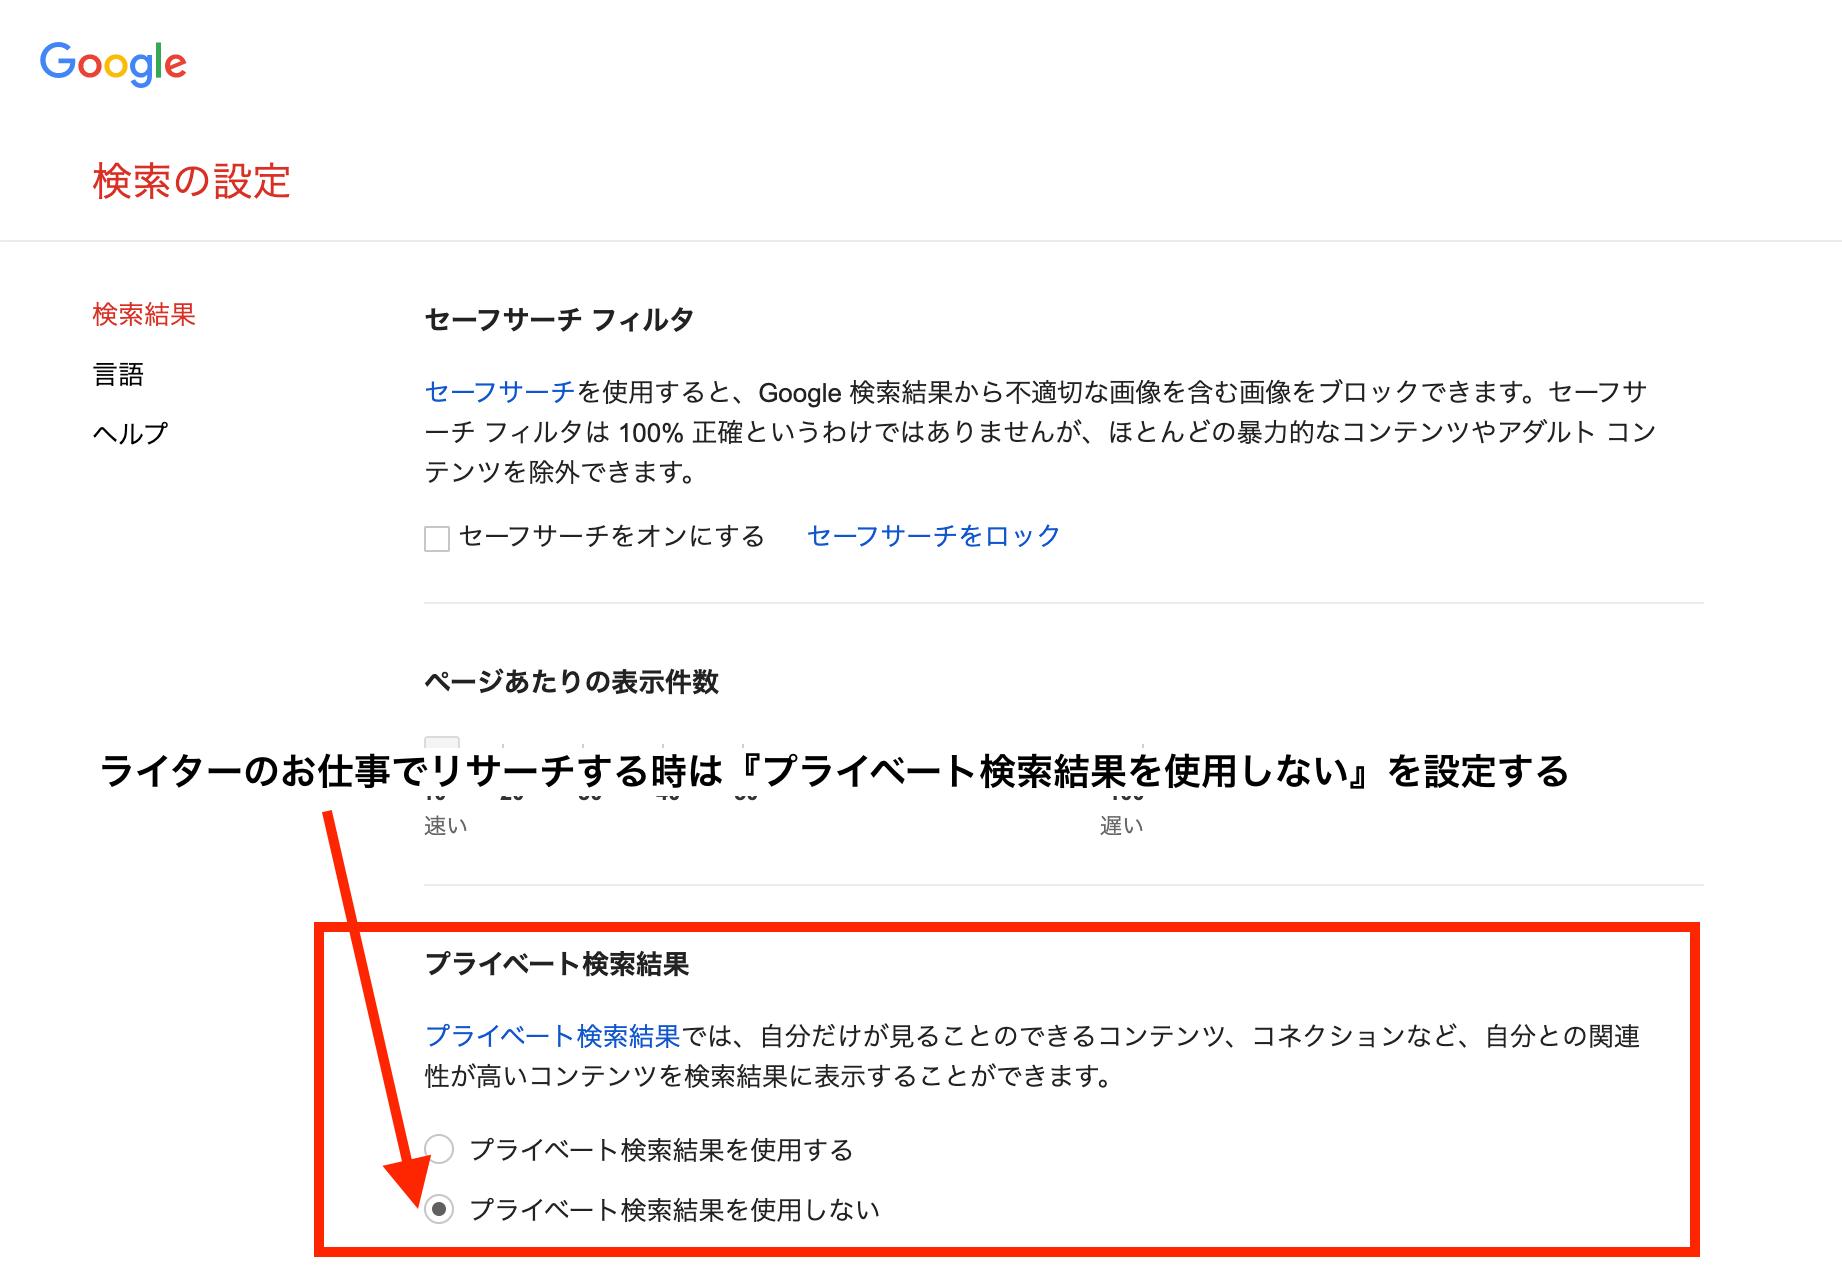 プライベート検索設定方法2